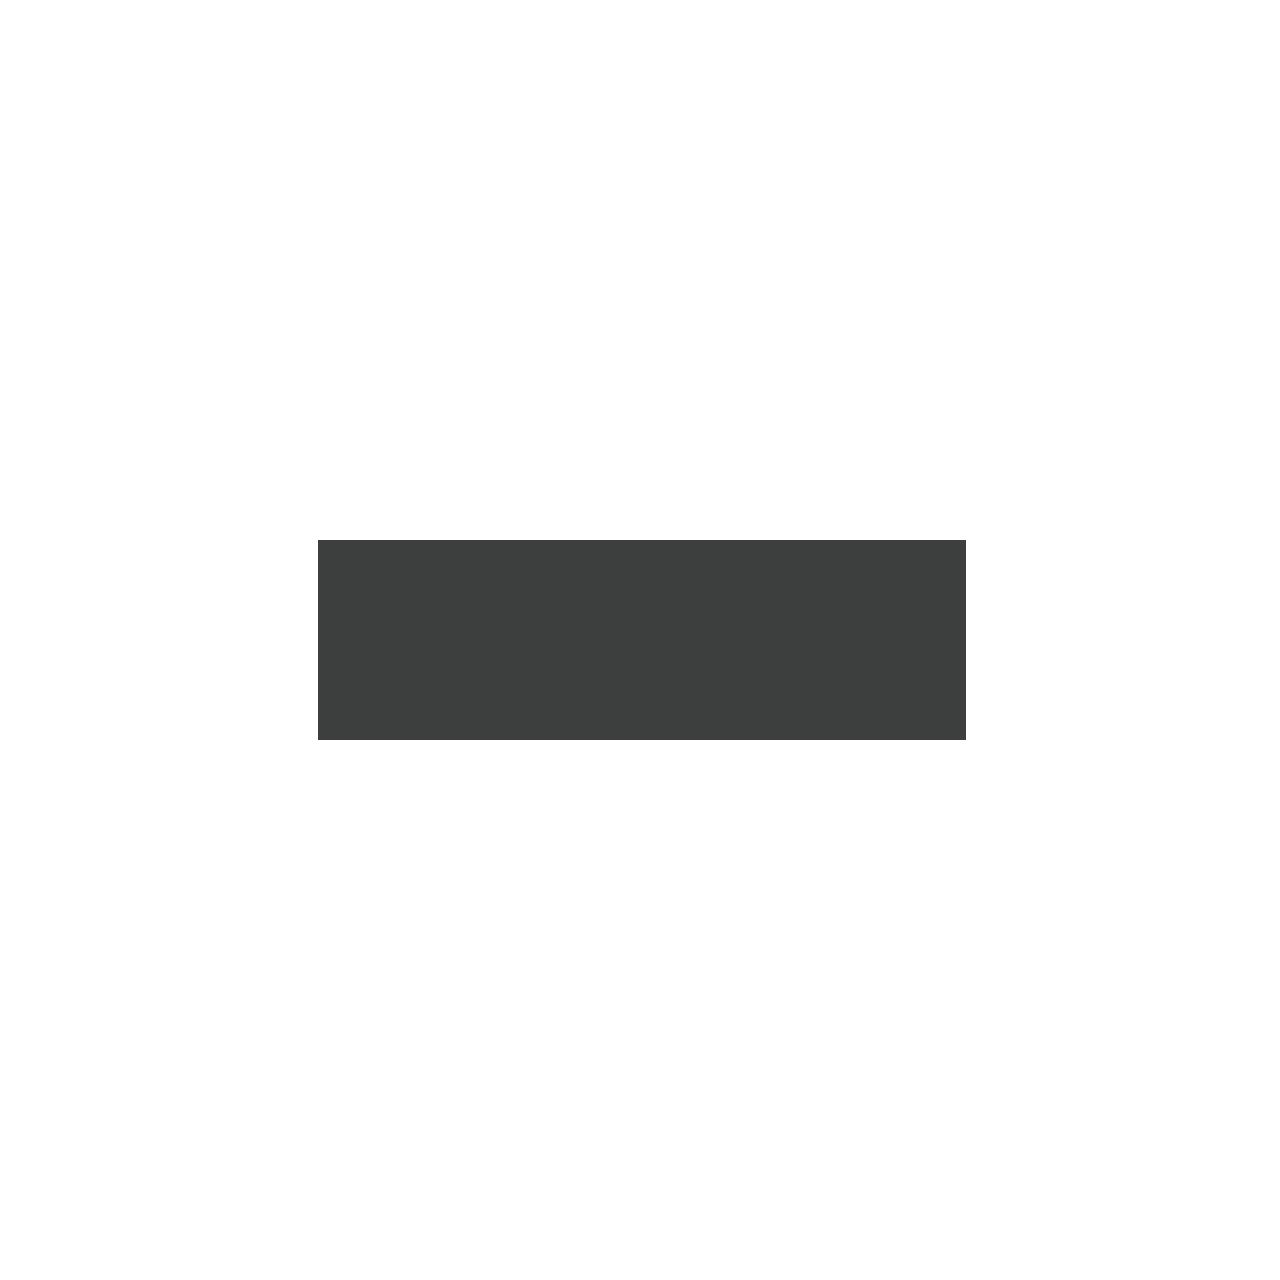 Brand 1280x1280 erco